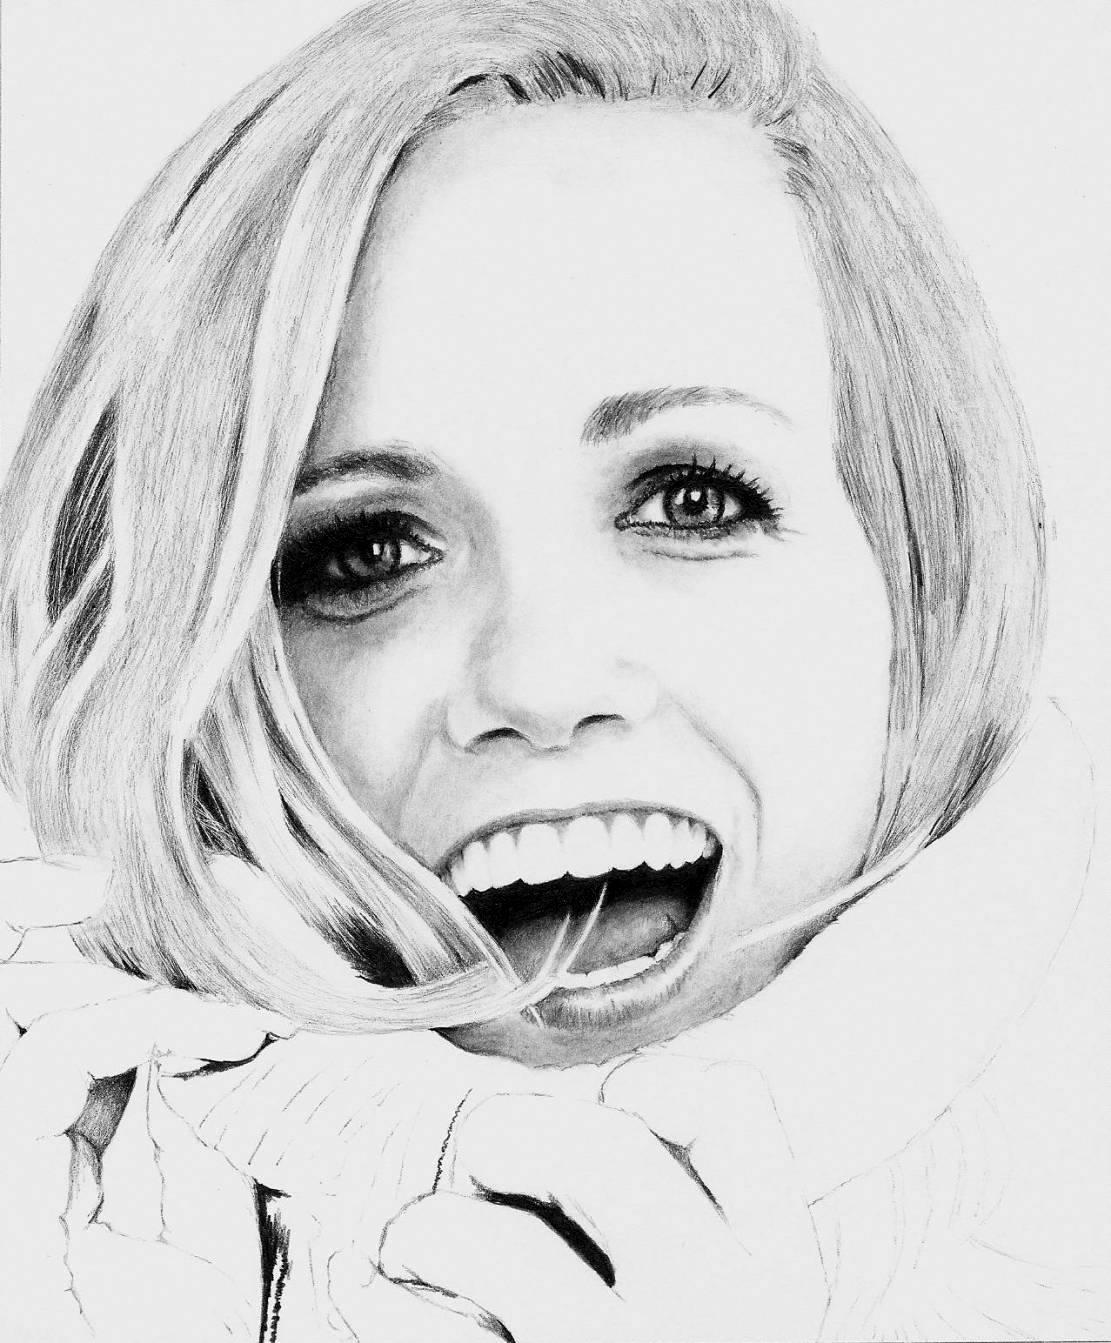 Katie Herzig - WIP 3 of 4 by Doctor-Pencil